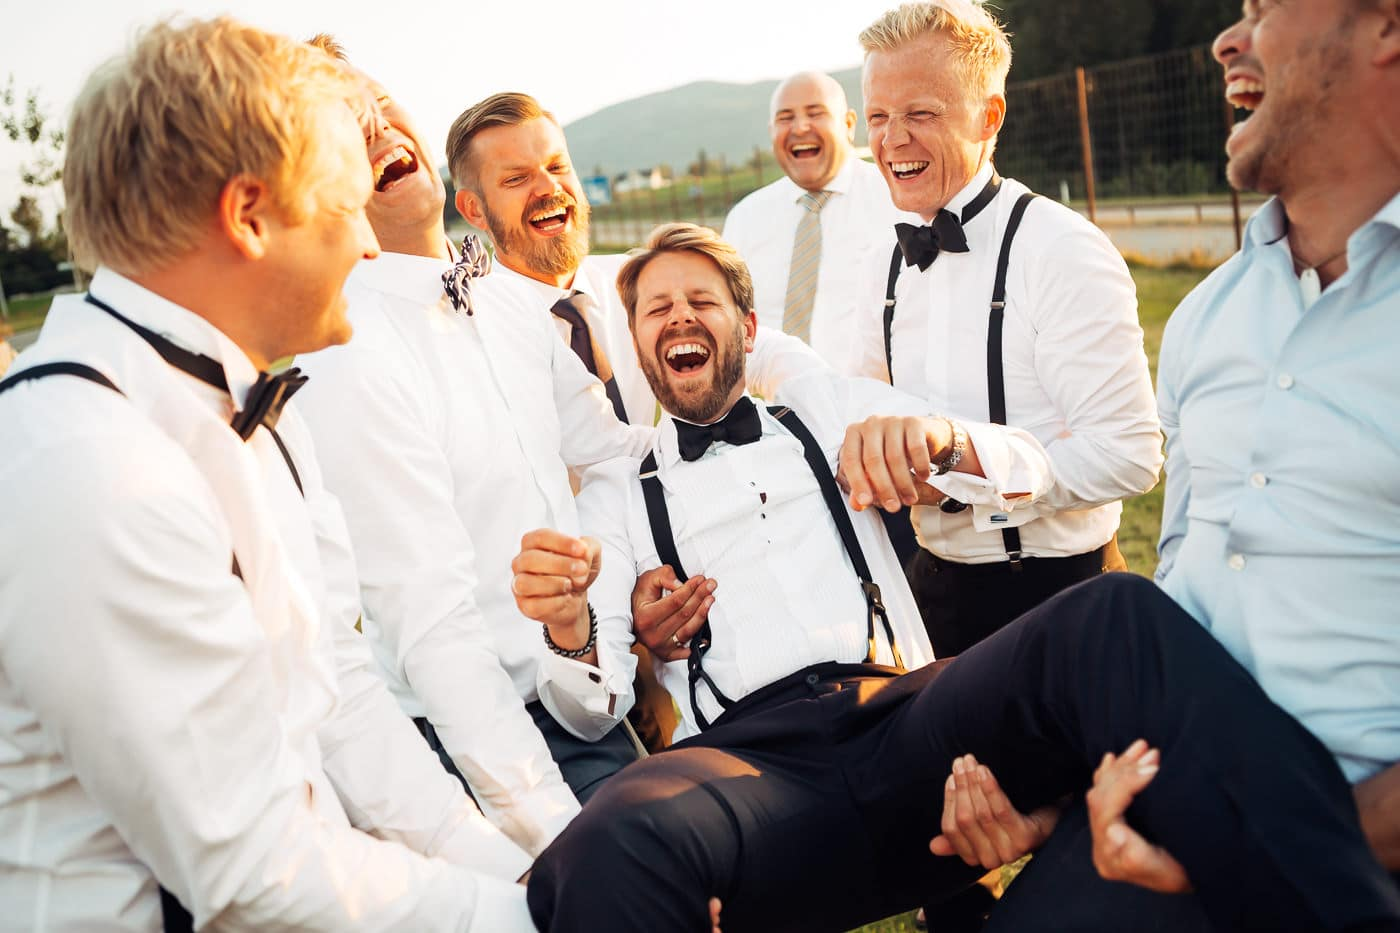 Linn & Frank - rørende og vakkert låvebryllup i Minnesund Bryllupsbilder Minnesund Eidsvoll 83 Brudepar